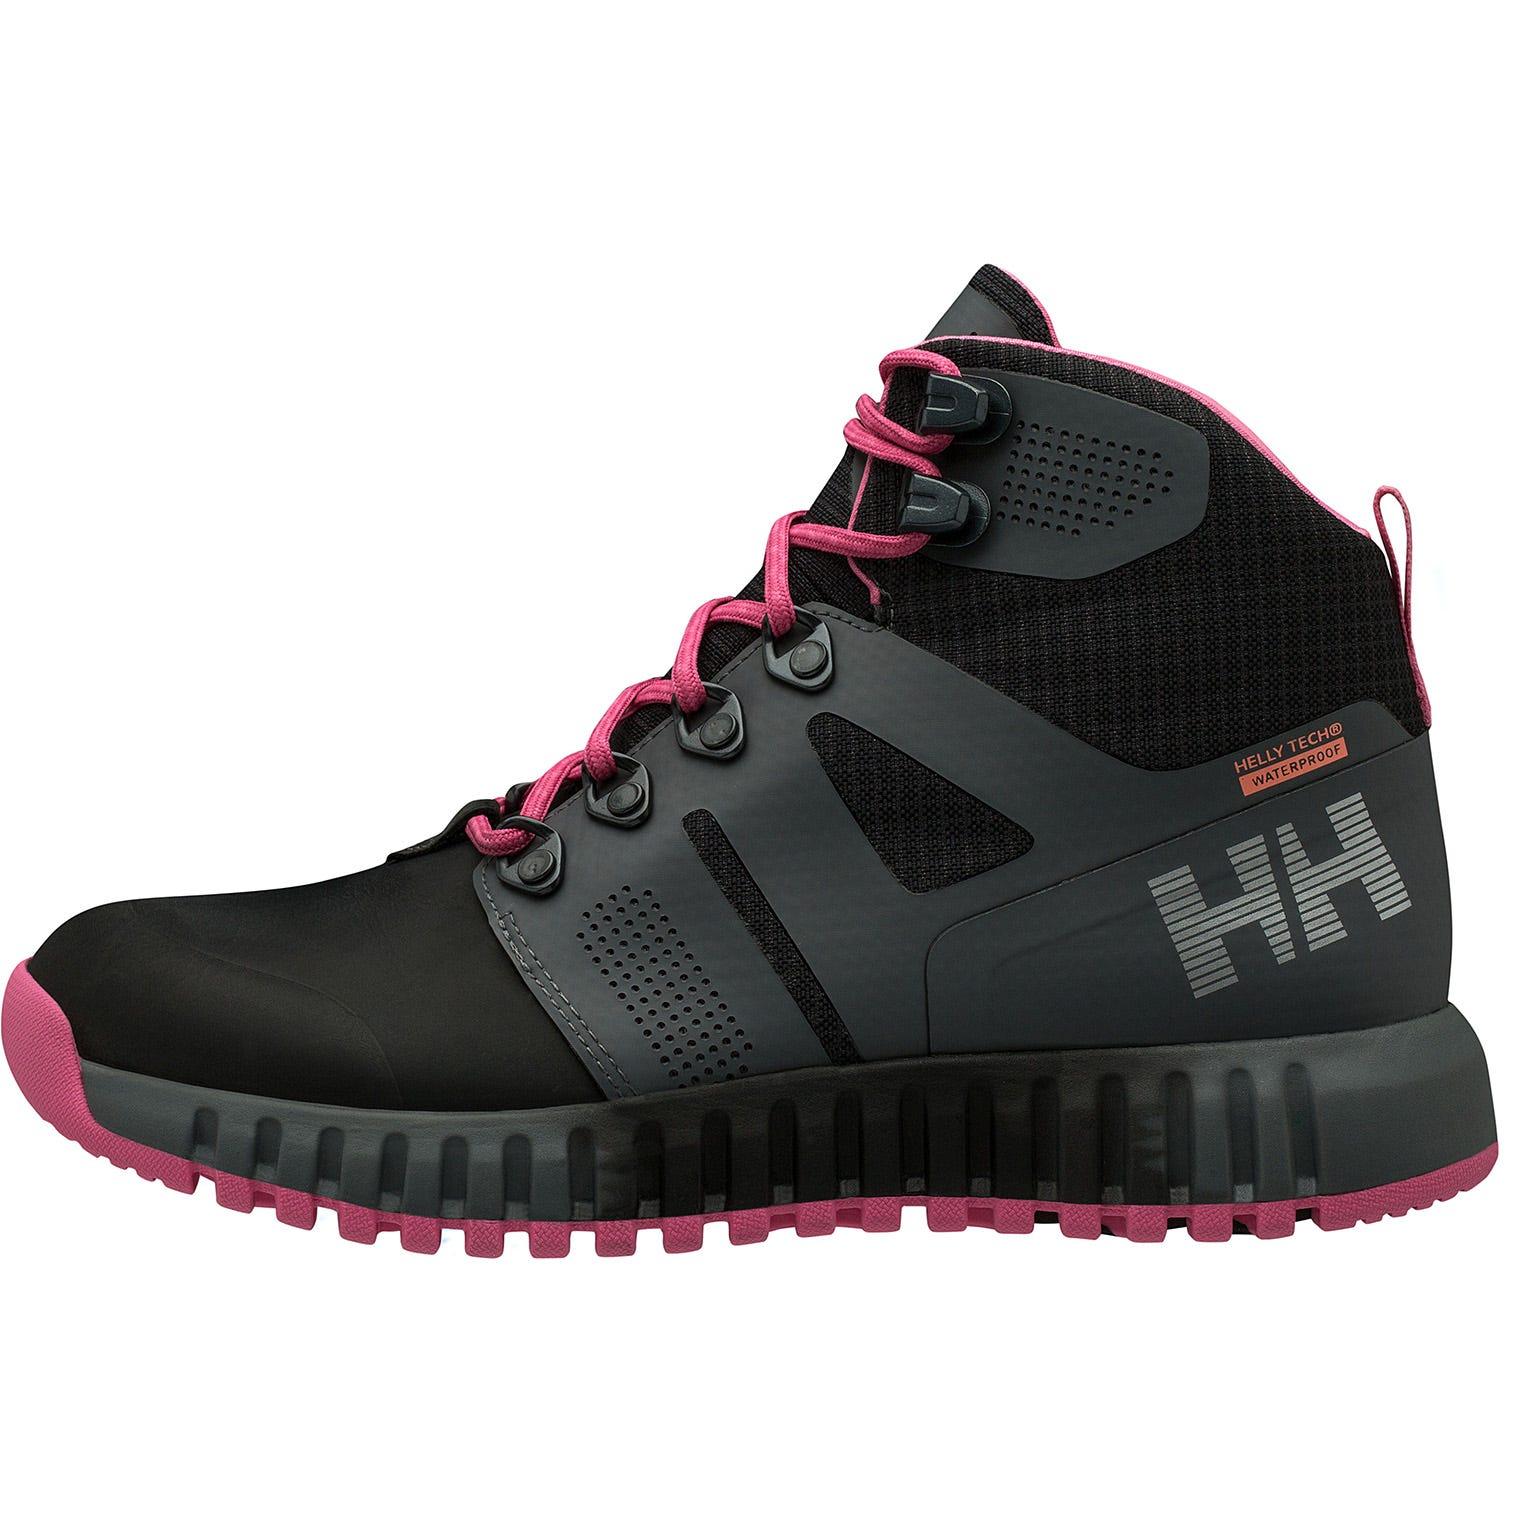 Helly Hansen W Vanir Gallivant Ht Womens Hiking Boot Black 41/9.5